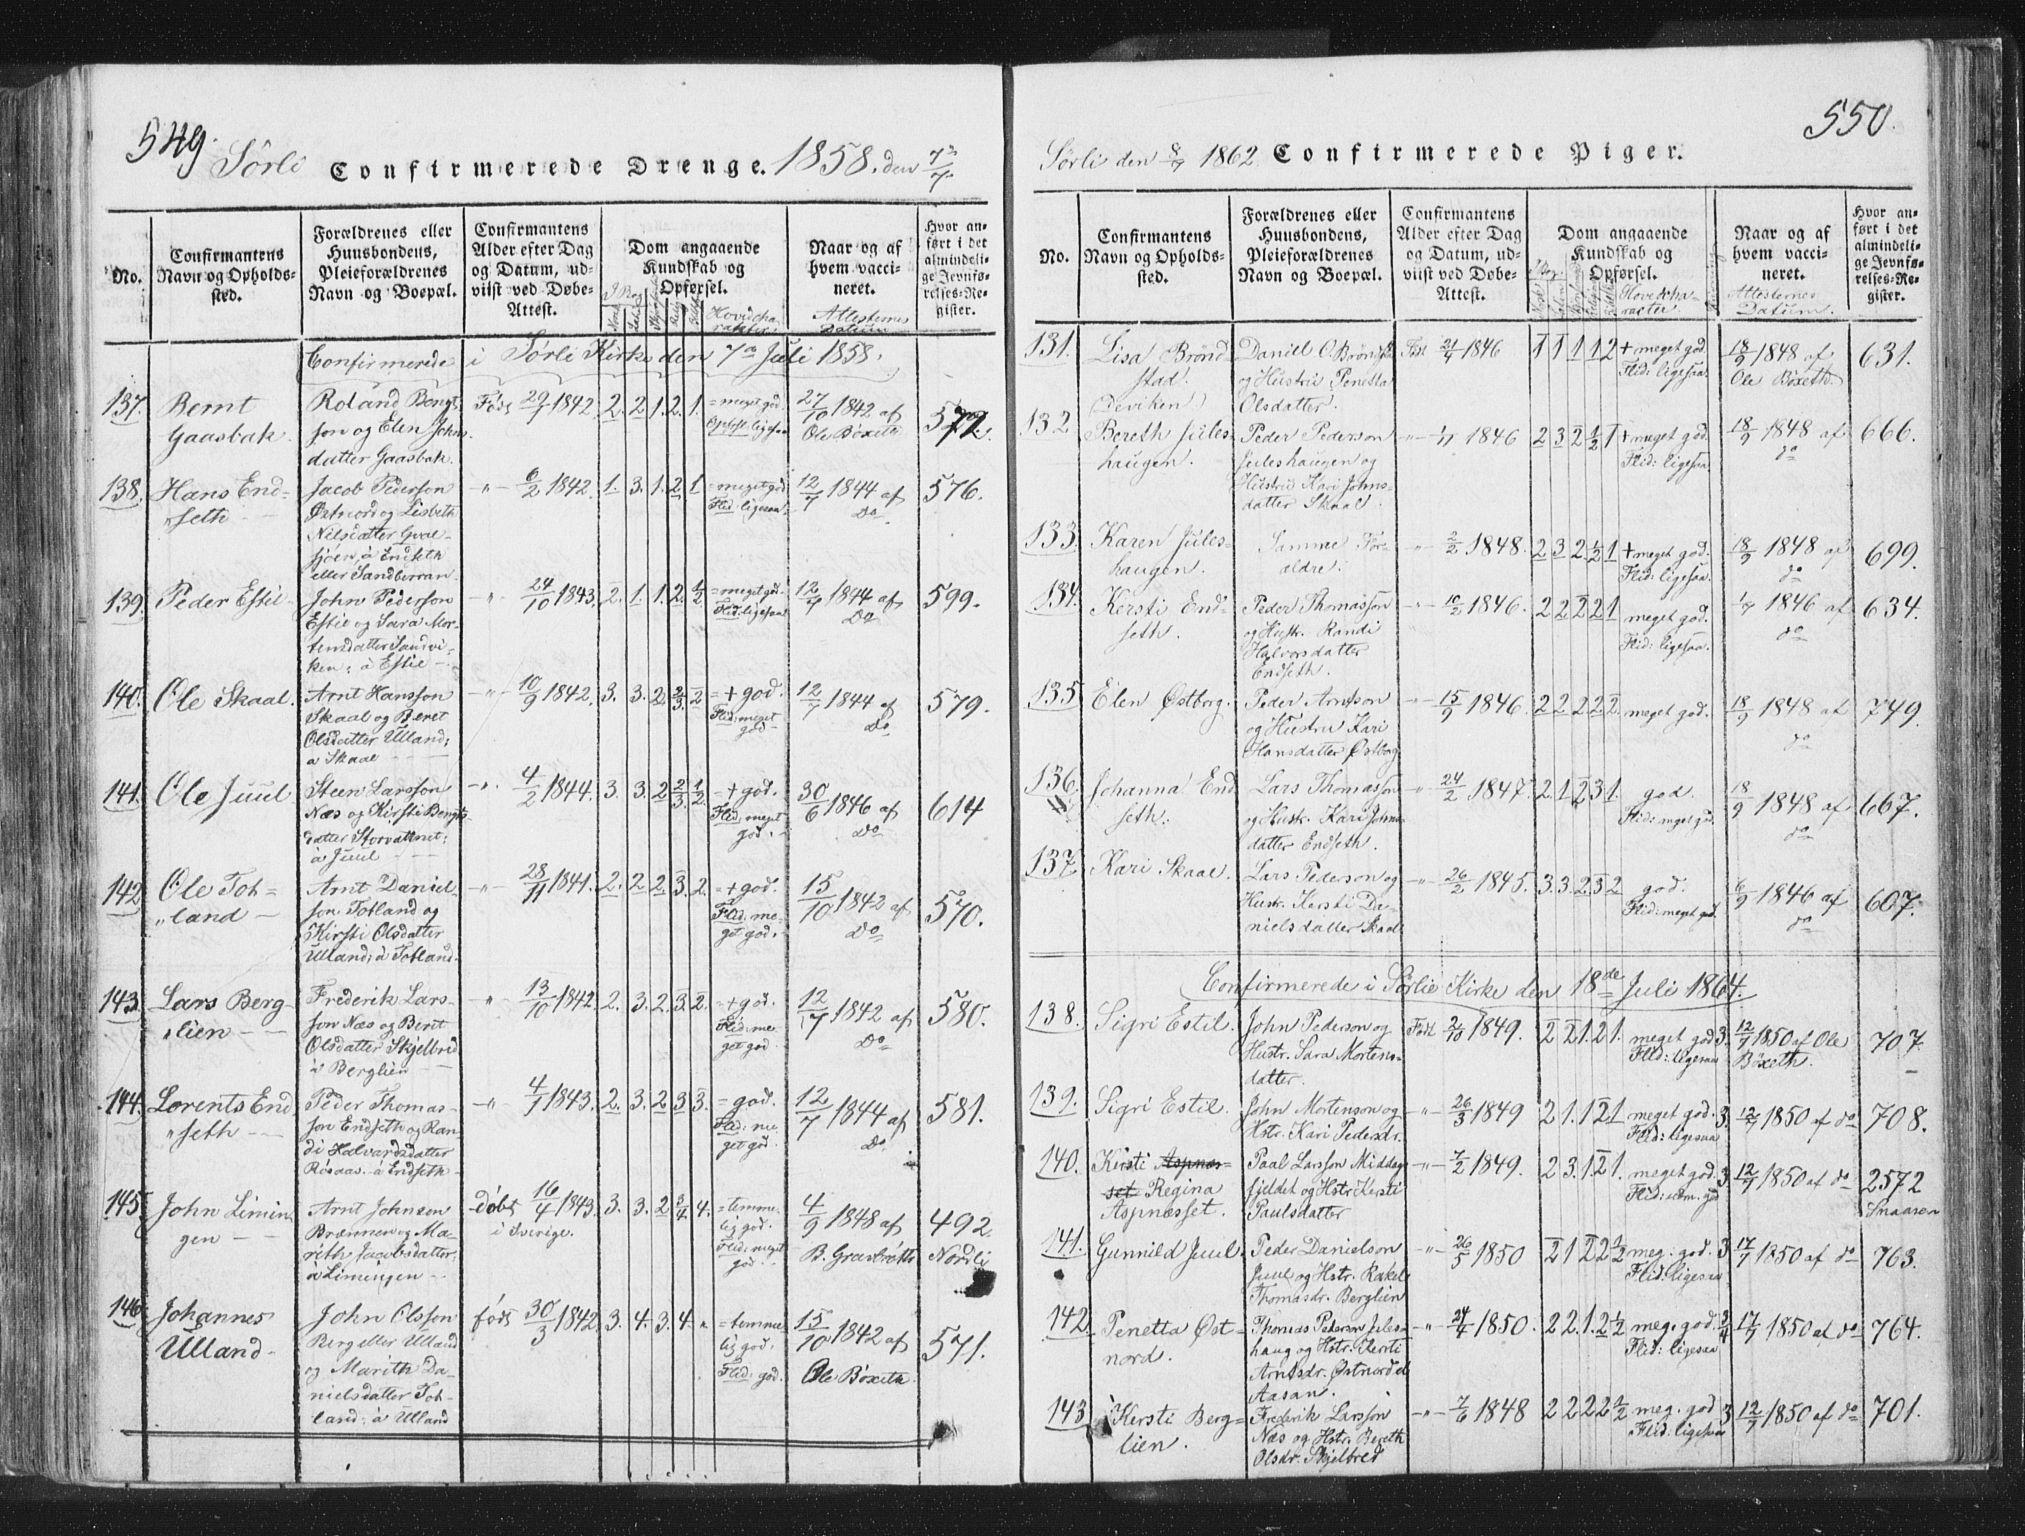 SAT, Ministerialprotokoller, klokkerbøker og fødselsregistre - Nord-Trøndelag, 755/L0491: Ministerialbok nr. 755A01 /2, 1817-1864, s. 549-550